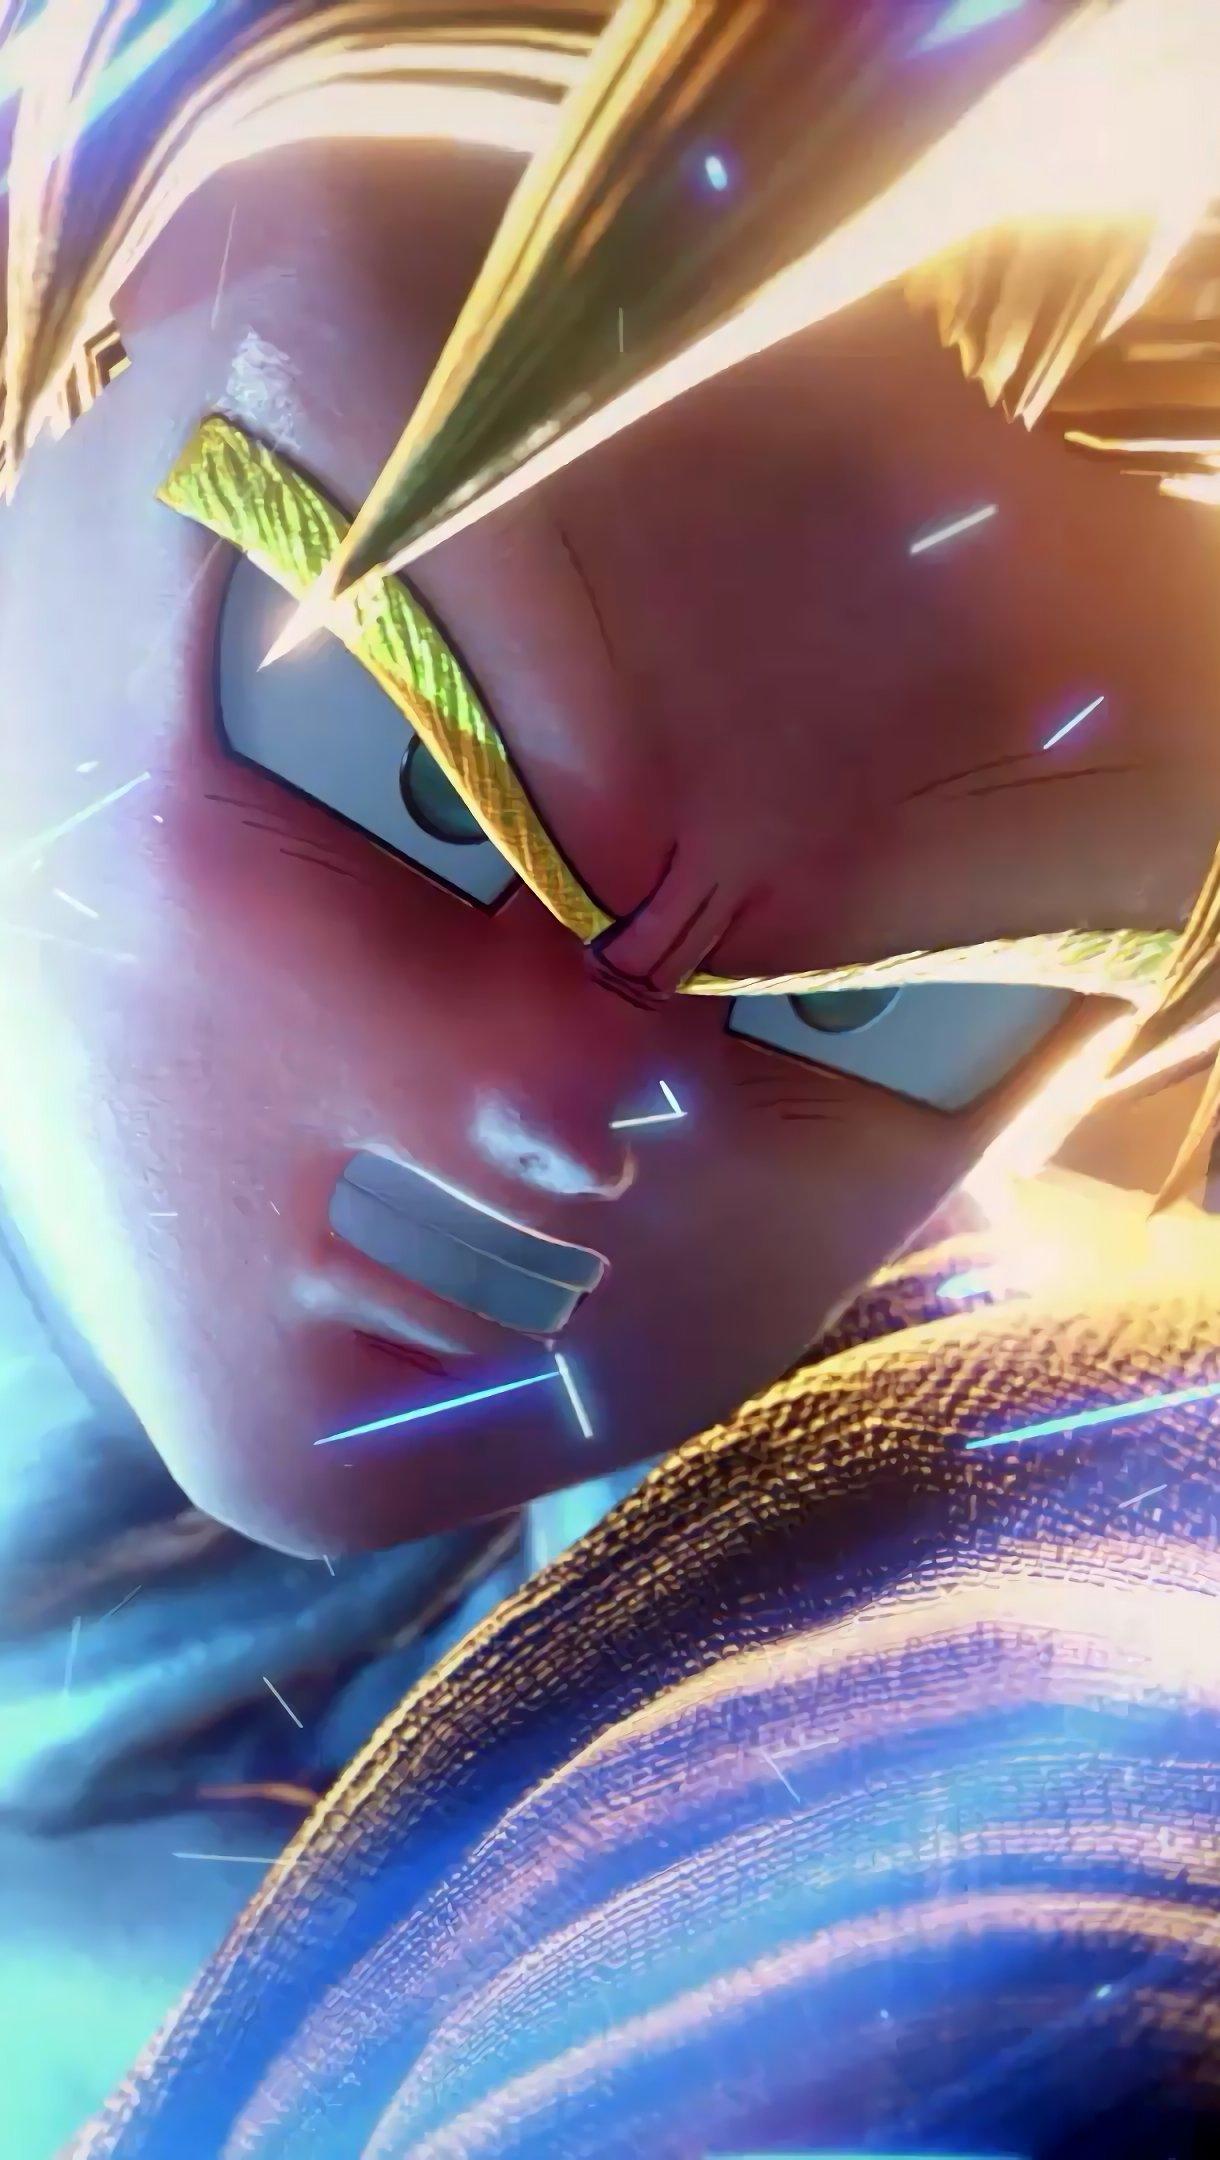 Fondos de pantalla Goku de Dragon Ball en Jump Force Vertical